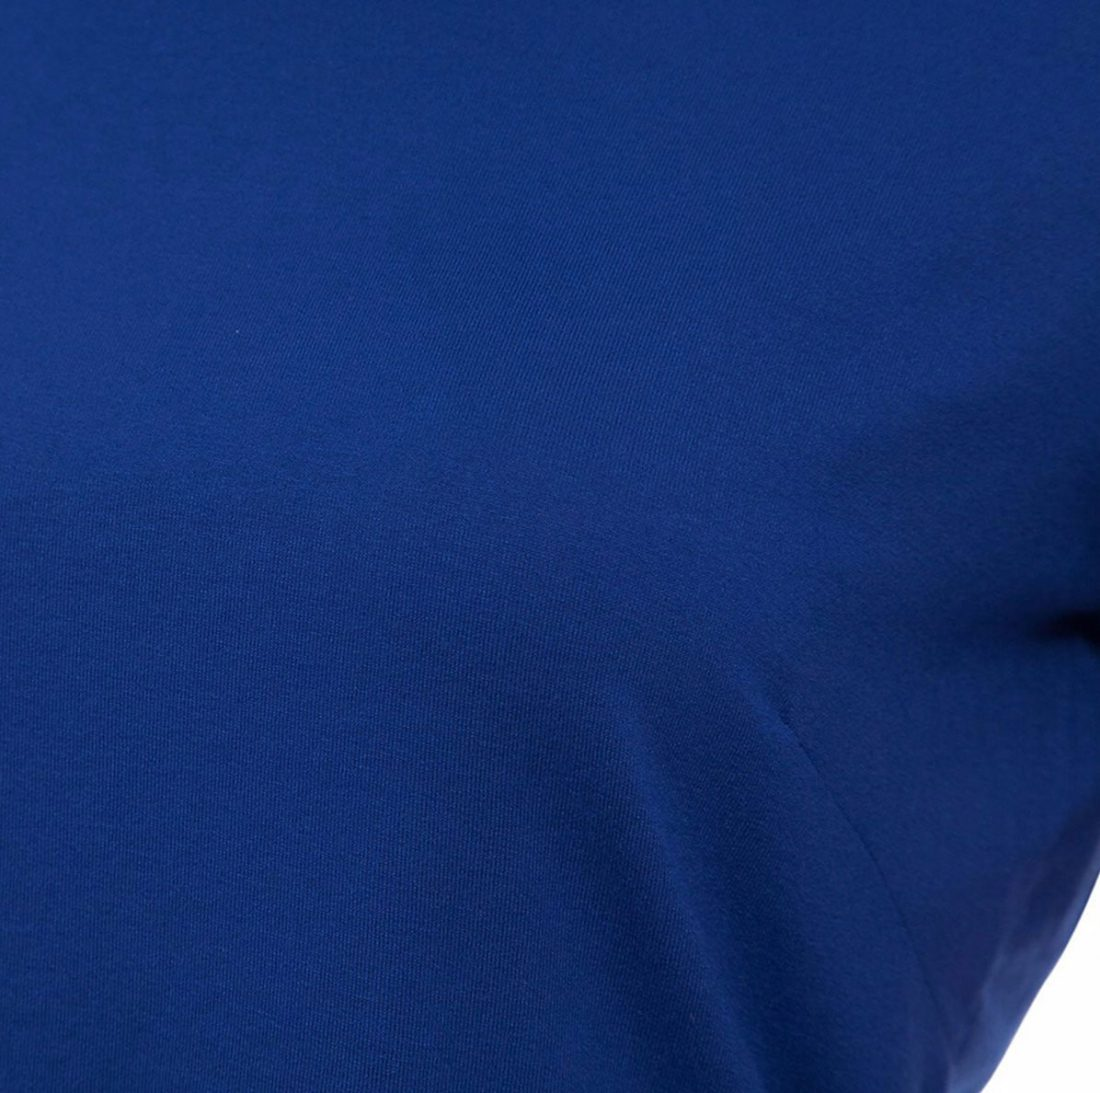 M0181 blue7 Two Piece Sets Dresses maureens.com boutique